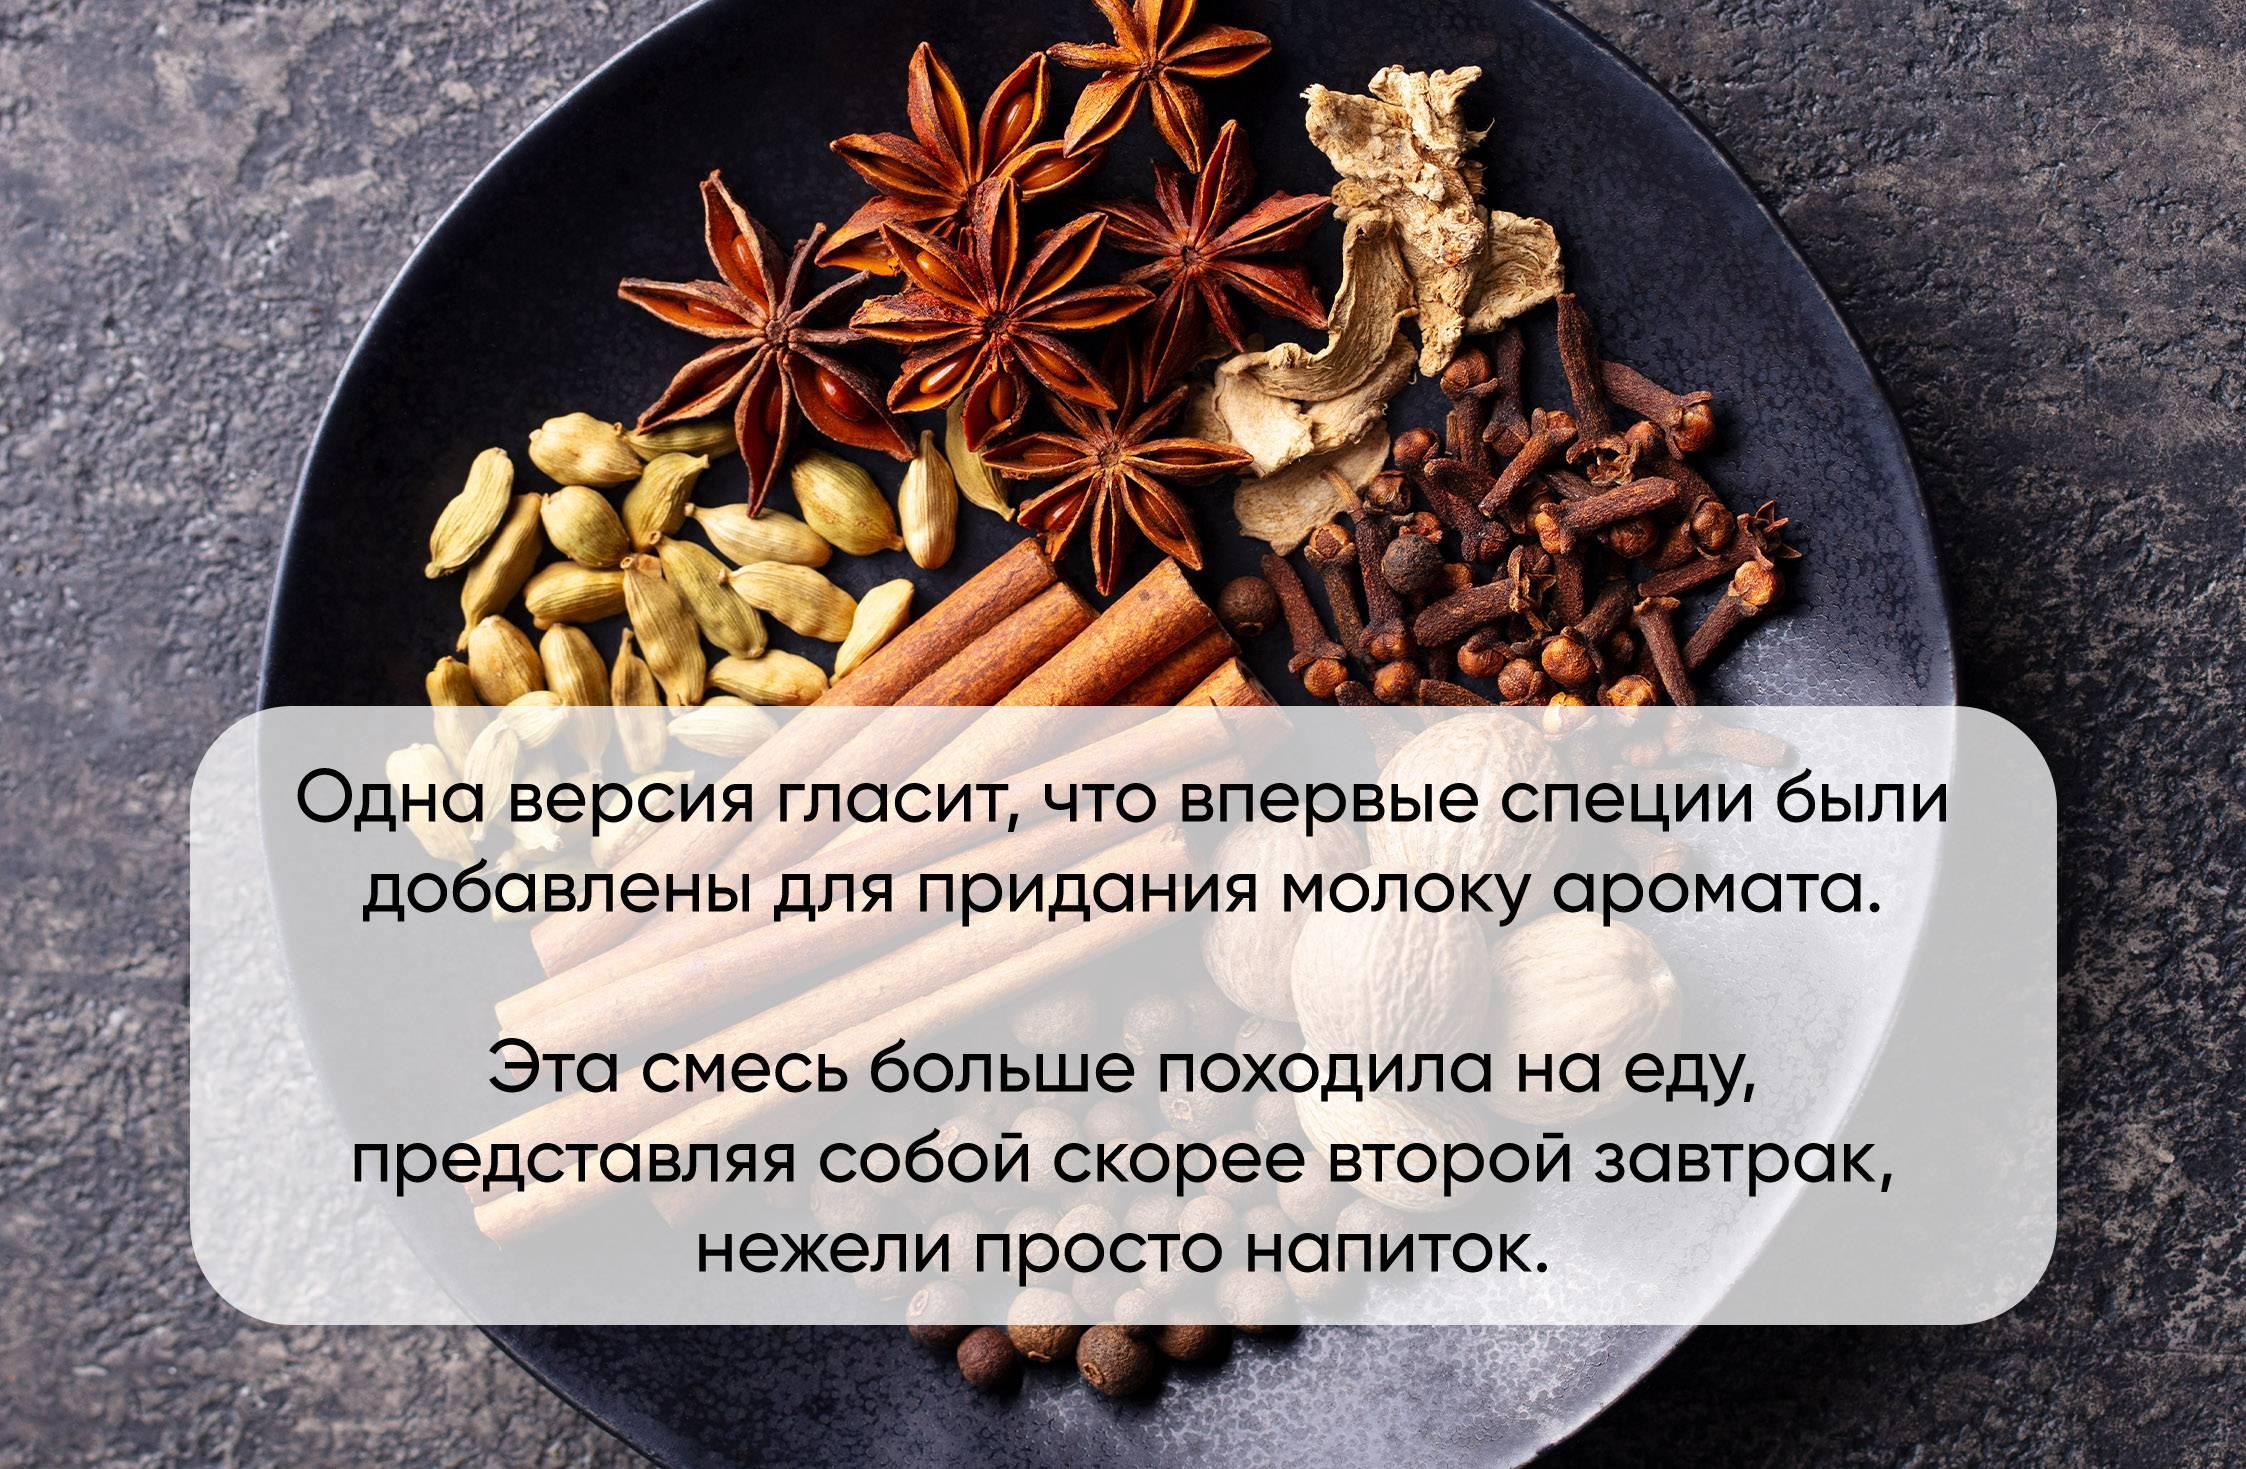 Полезные свойства кофе с кардамоном, рецепты приготовления